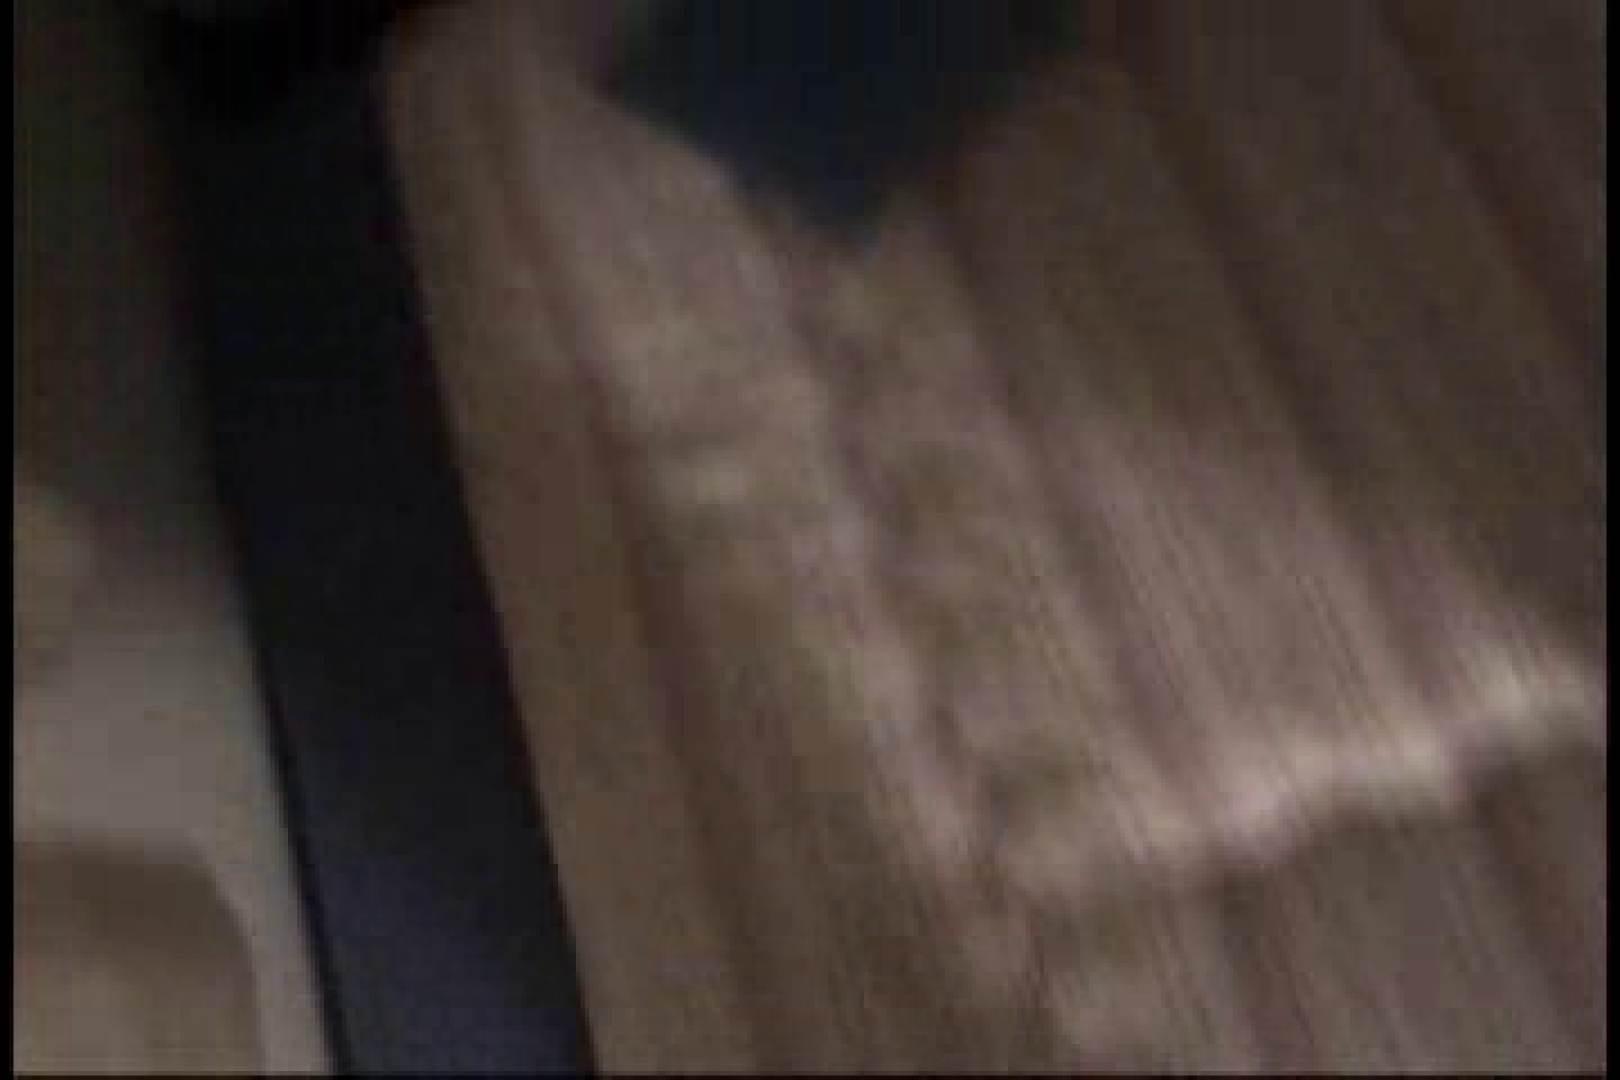 三ツ星シリーズ!!陰間茶屋独占!!第二弾!!イケメン羞恥心File.04 顔射シーン ゲイ射精シーン 61枚 7